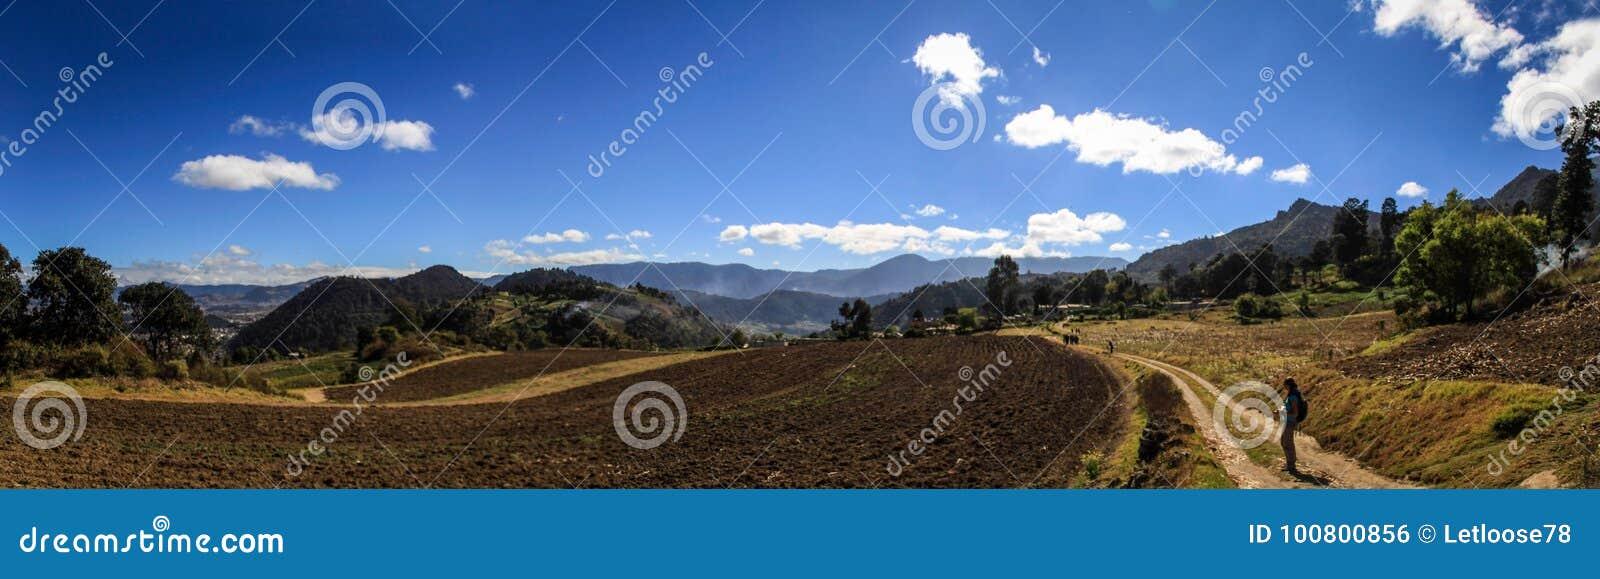 Κατά τη διαδρομή cerro Quemado, πανοραμική άποψη στους περιβάλλοντες τομείς και τα βουνά, Quetzaltenango, Γουατεμάλα